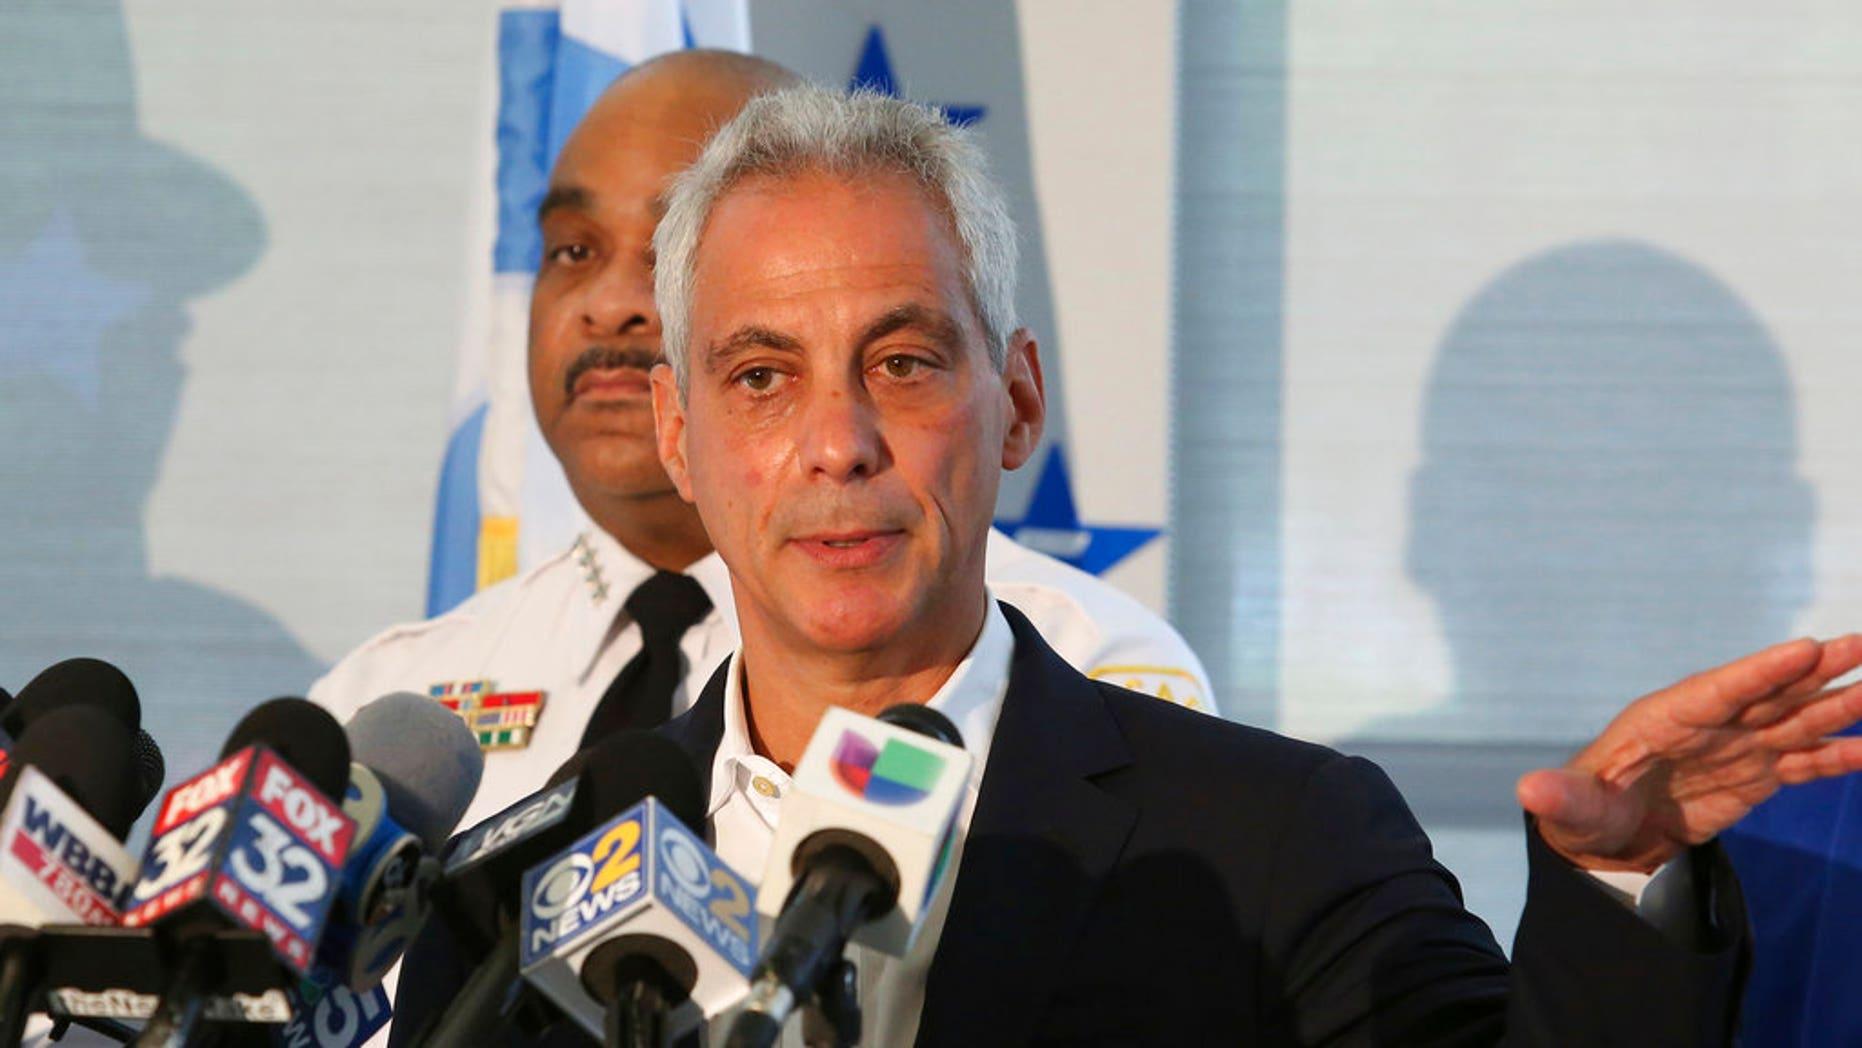 Embattled Chicago Mayor Rahm Emanuel.